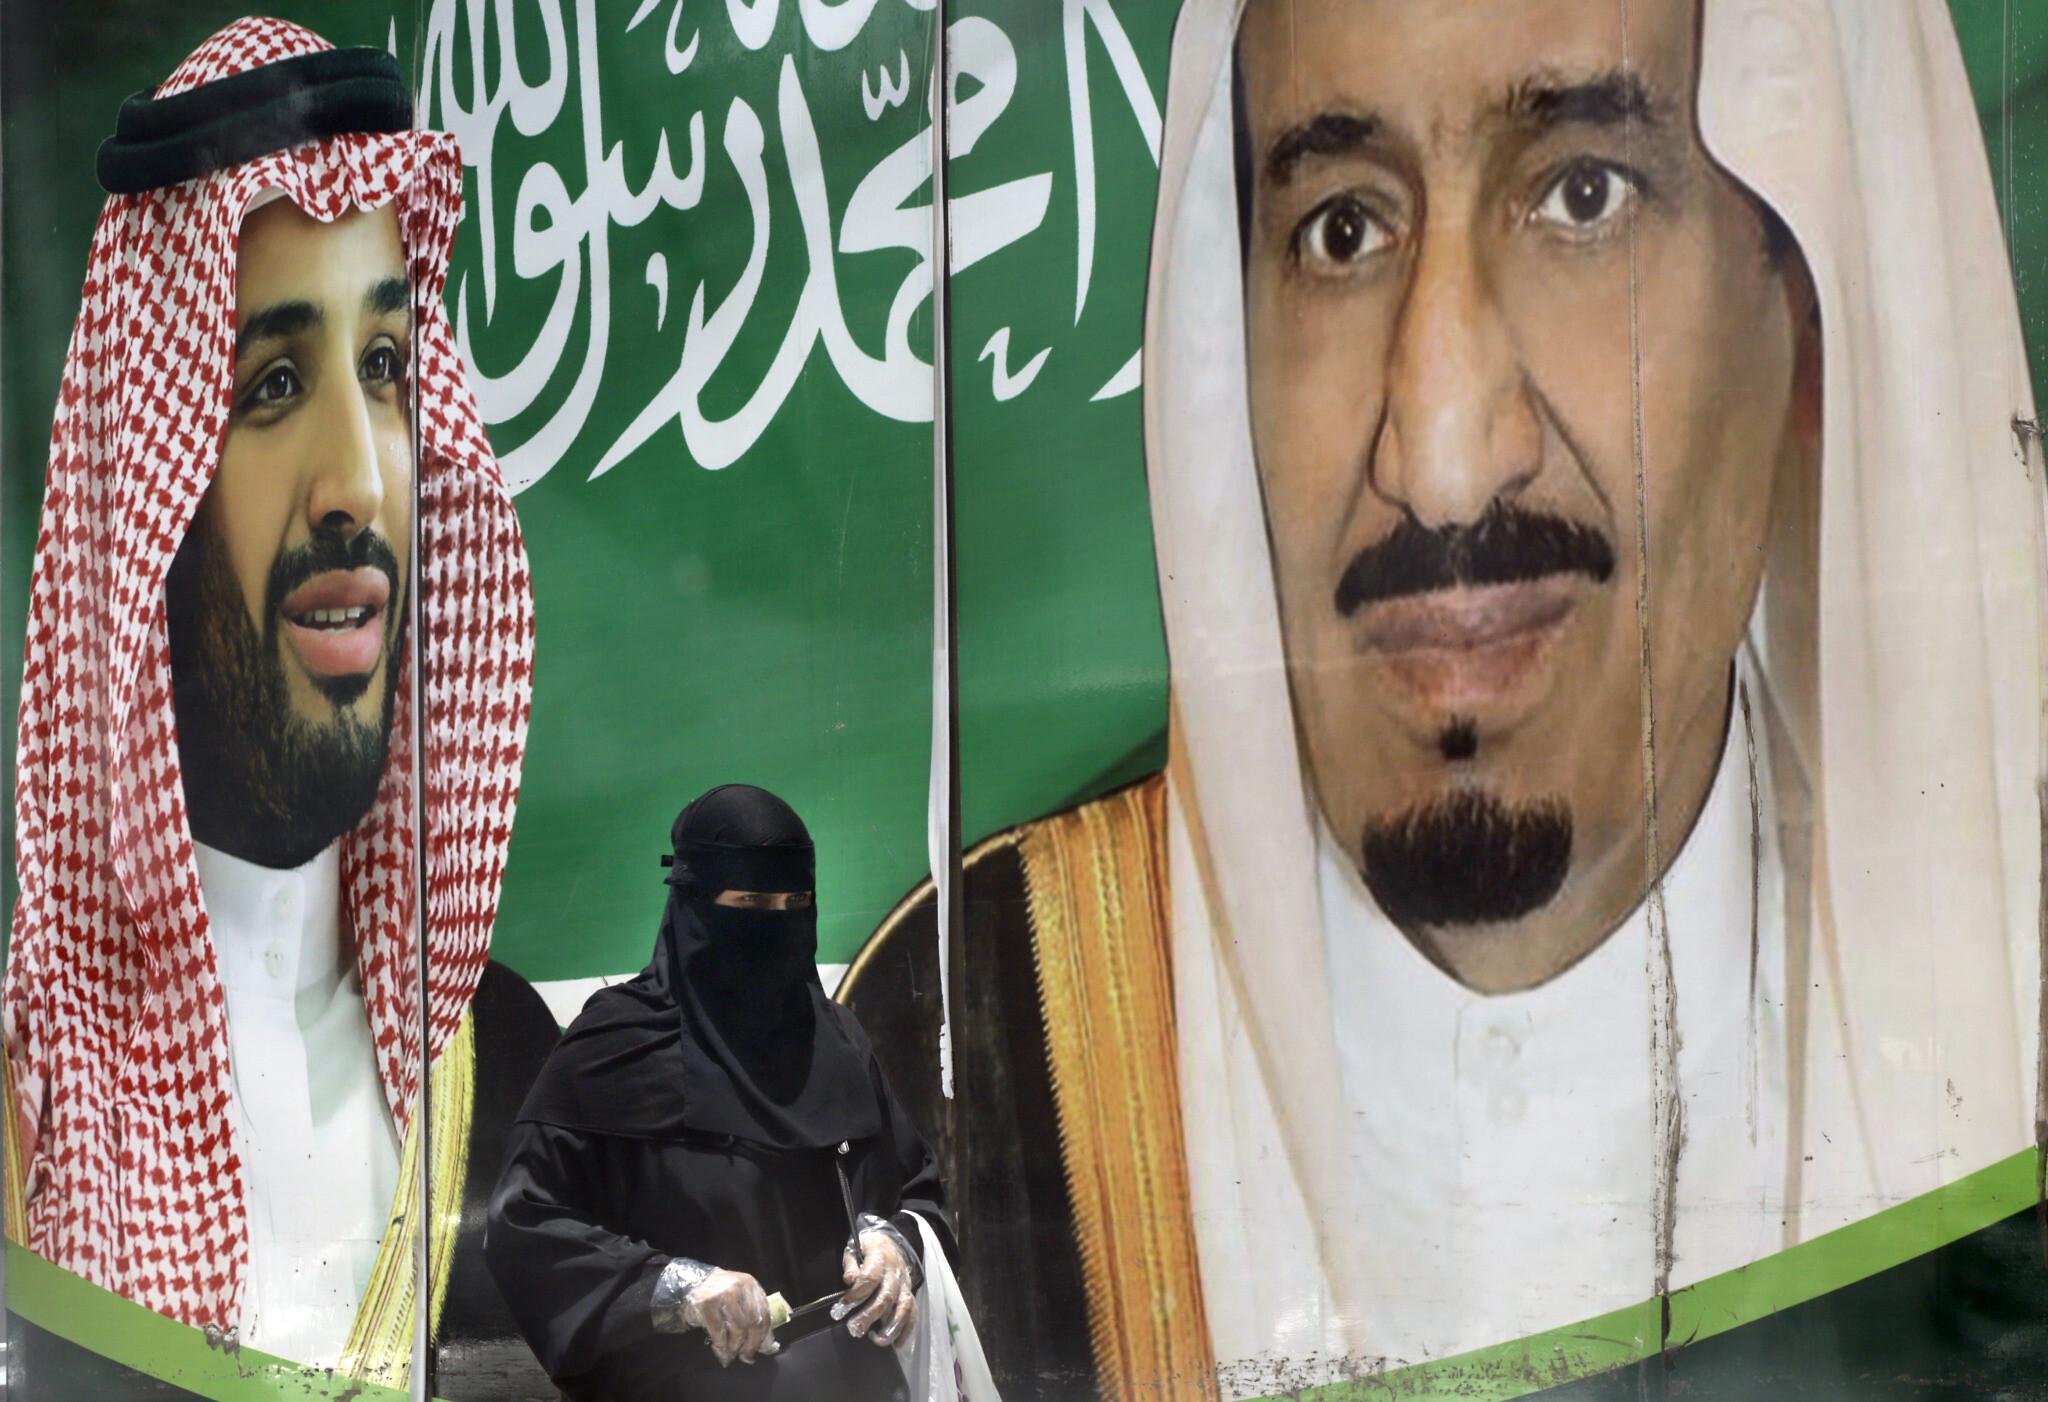 هموار کردن راه سعودیهابه سمت عادی سازی تا پیش از انتخابات آمریکا